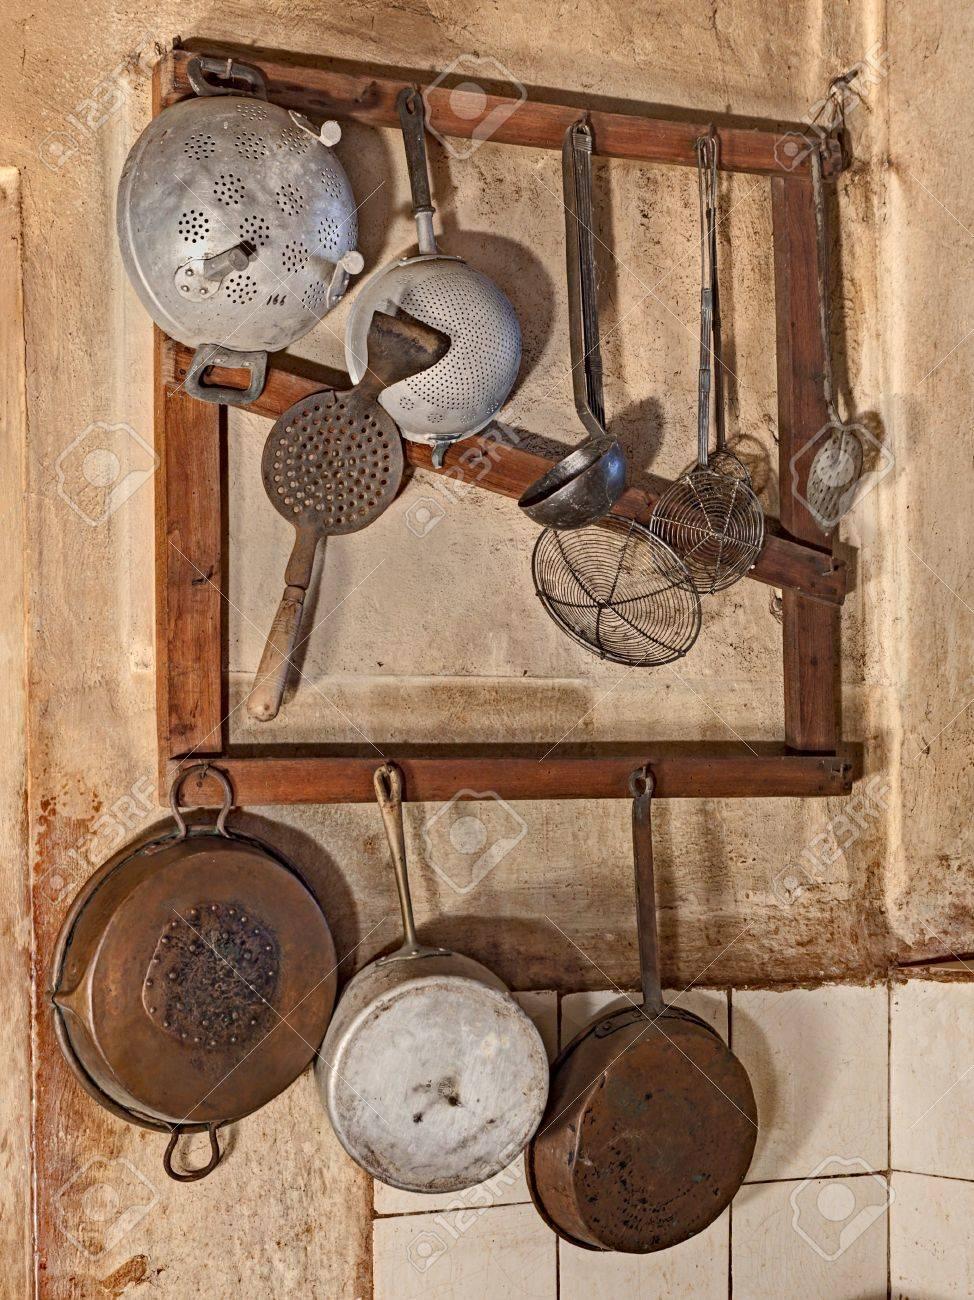 Utensili Da Cucina Appesi In Cucina Di Una Vecchia Casa Di ...